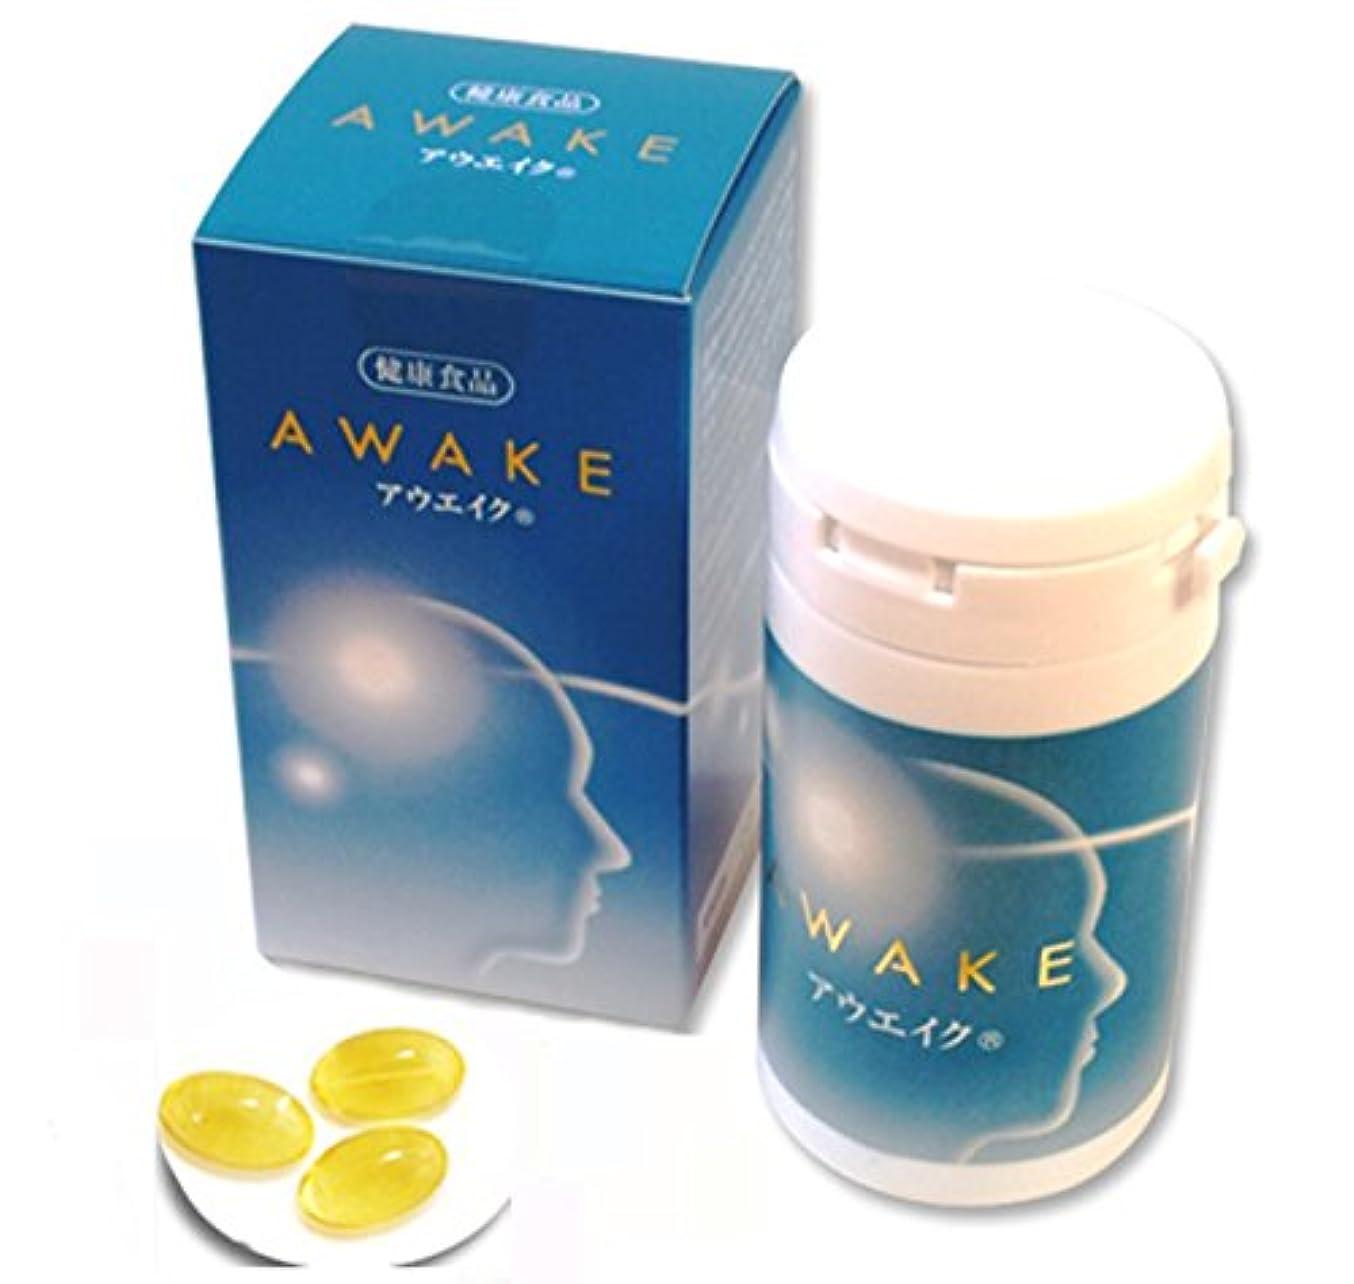 実験をする平らな引き金アウエイク「AWAKE」